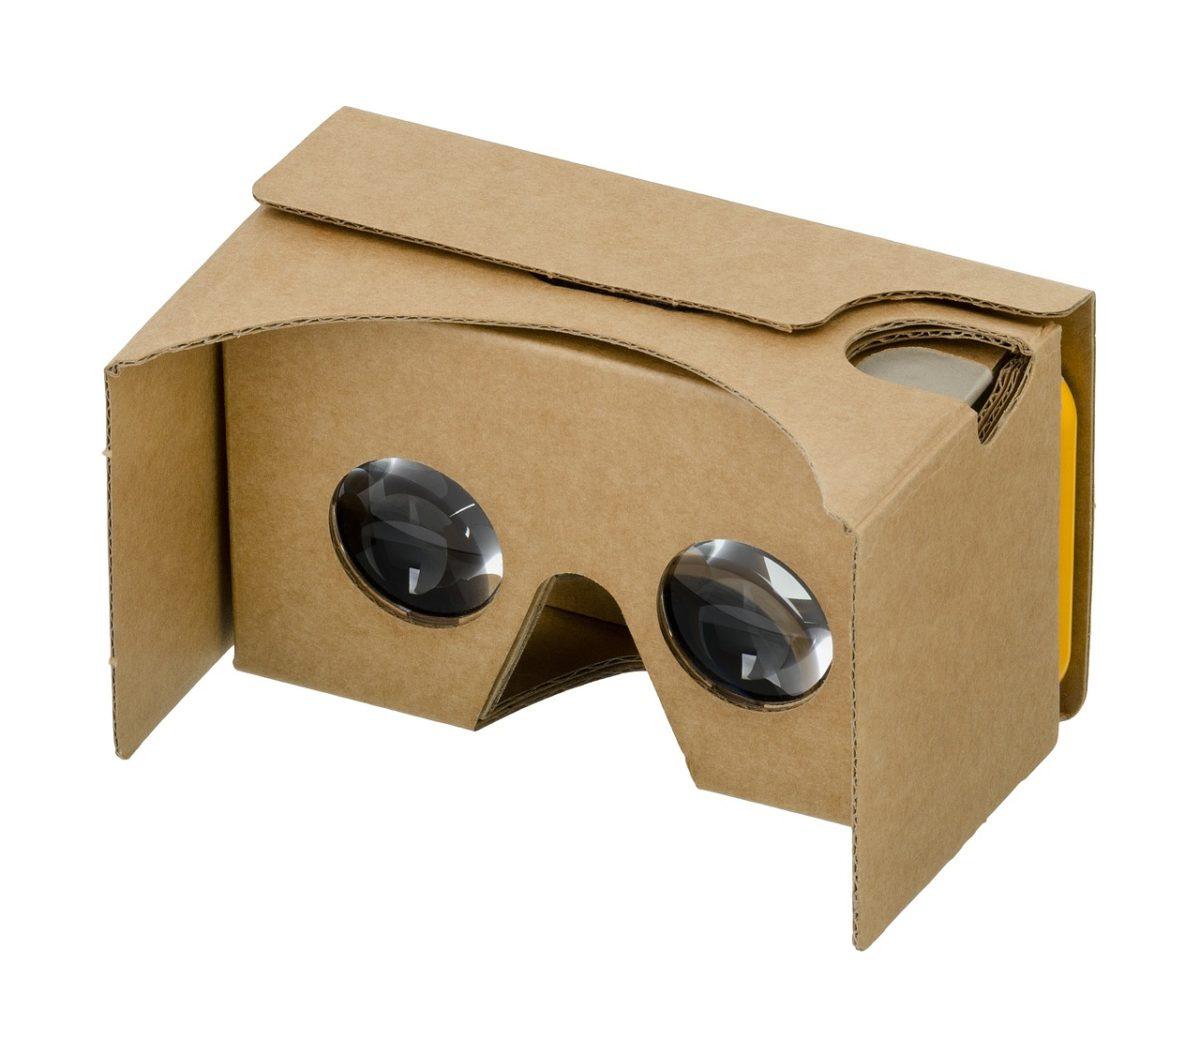 引っ越し祝いのプレゼントでおすすめのVR3選!VRがおすすめな理由と金額相場まとめ